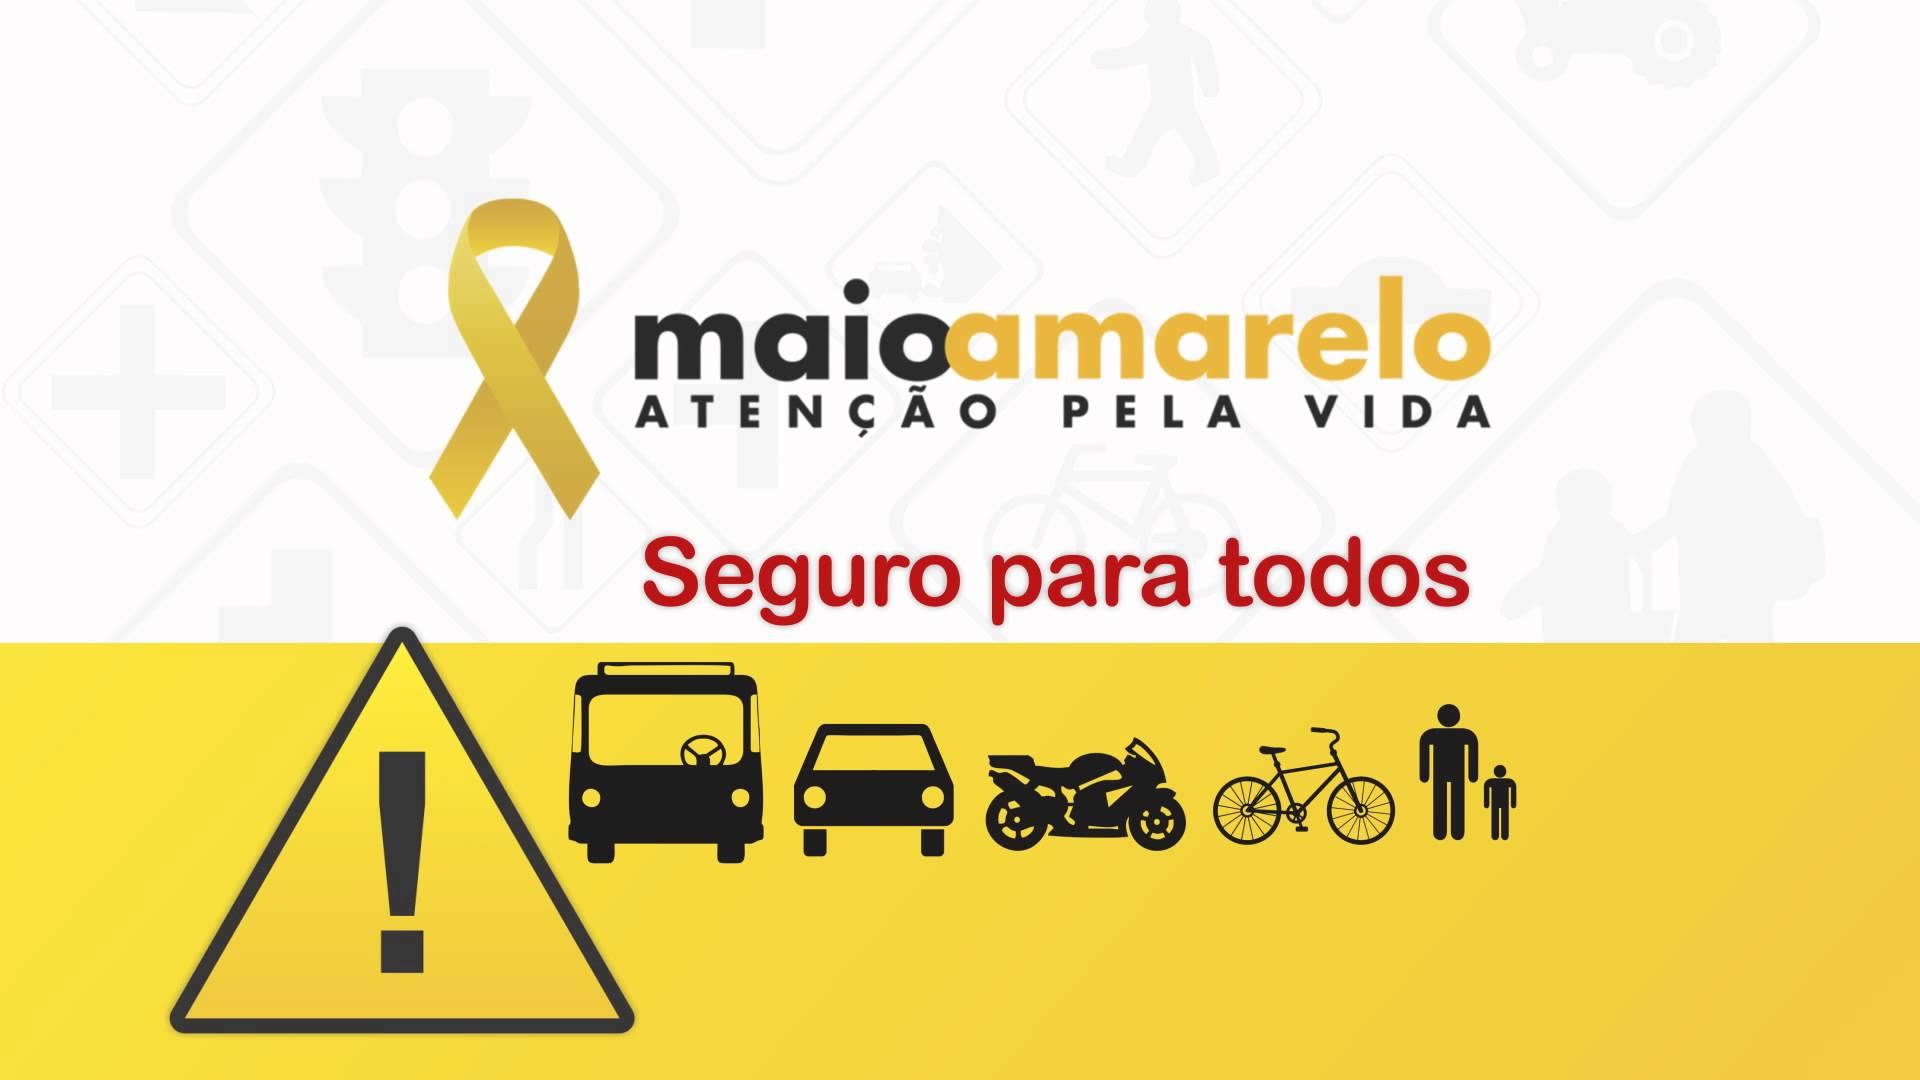 Começa a campanha 'Maio Amarelo' para reduzir mortes no trânsito na região